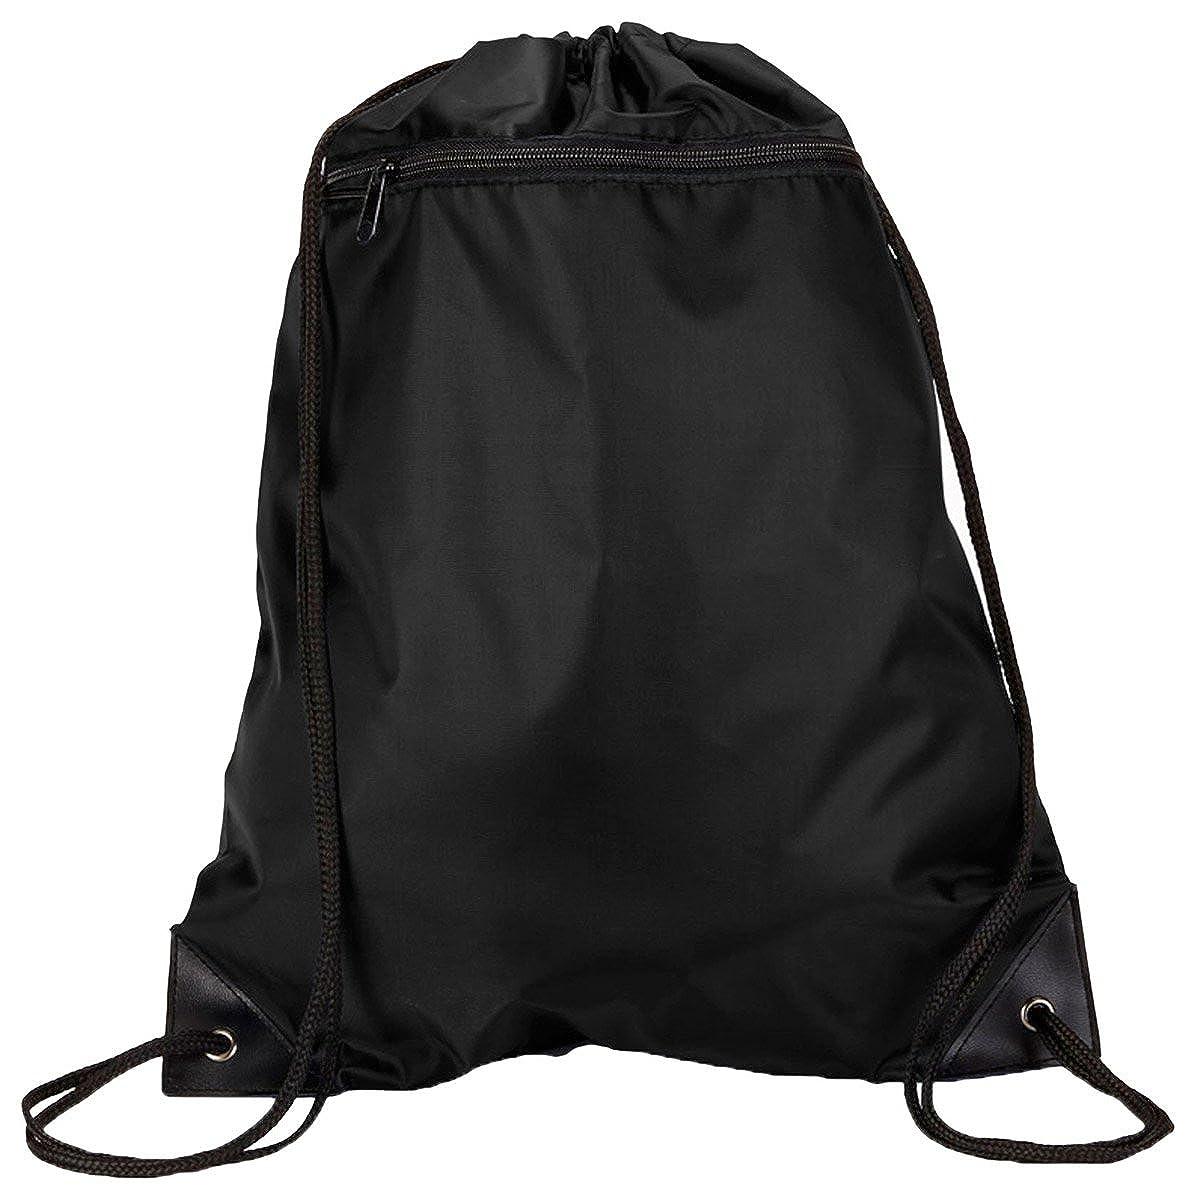 最安値 ウルトラクラブ8888ファスナー付きドローストリングバックパック B00I2TEA1Q One ブラック One ブラック Size One B00I2TEA1Q Size|ブラック, はいから。:ec8d984f --- efichas2.dominiotemporario.com